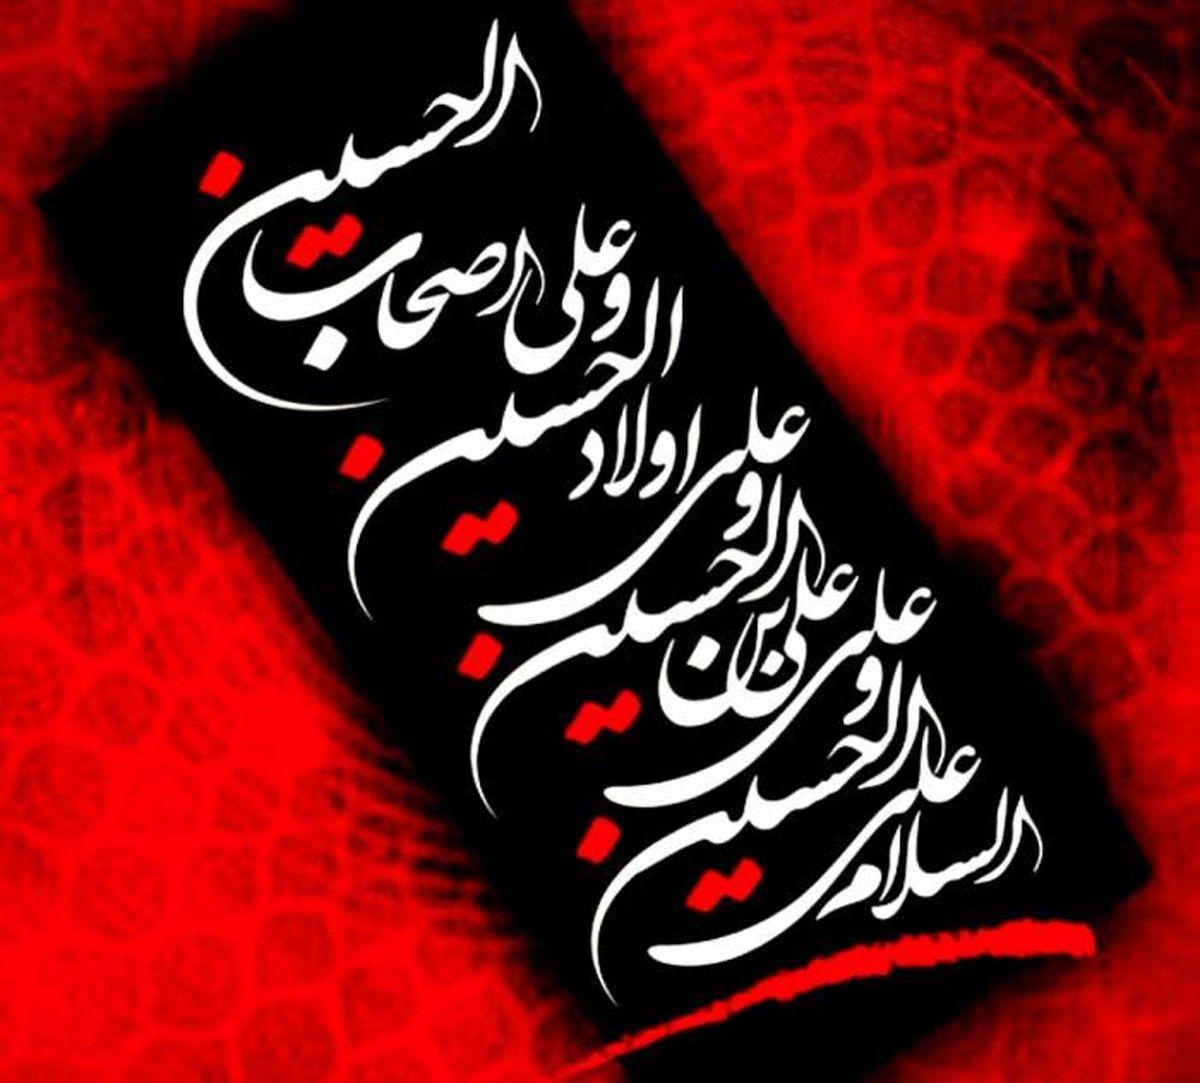 زیارت عاشورا همراه با ترجمه و صوت عبدالرضا هلالی